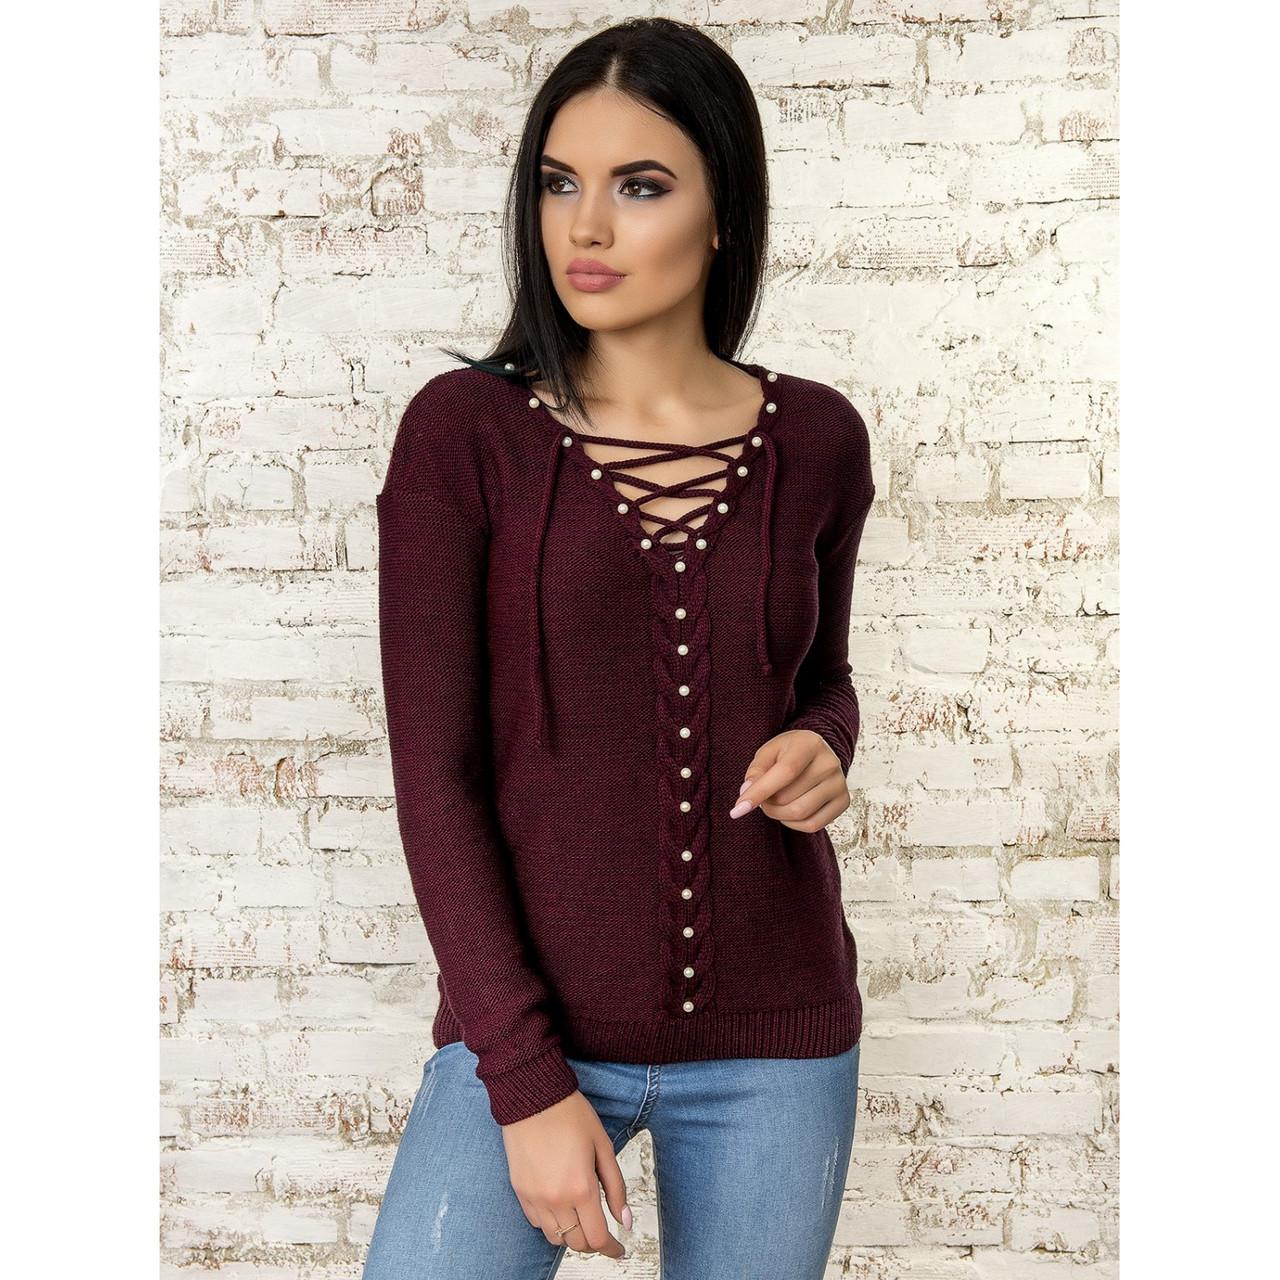 211e3616a9d Вязаный свитер с жемчугом 42-44 размеры 4цвета  В наличии